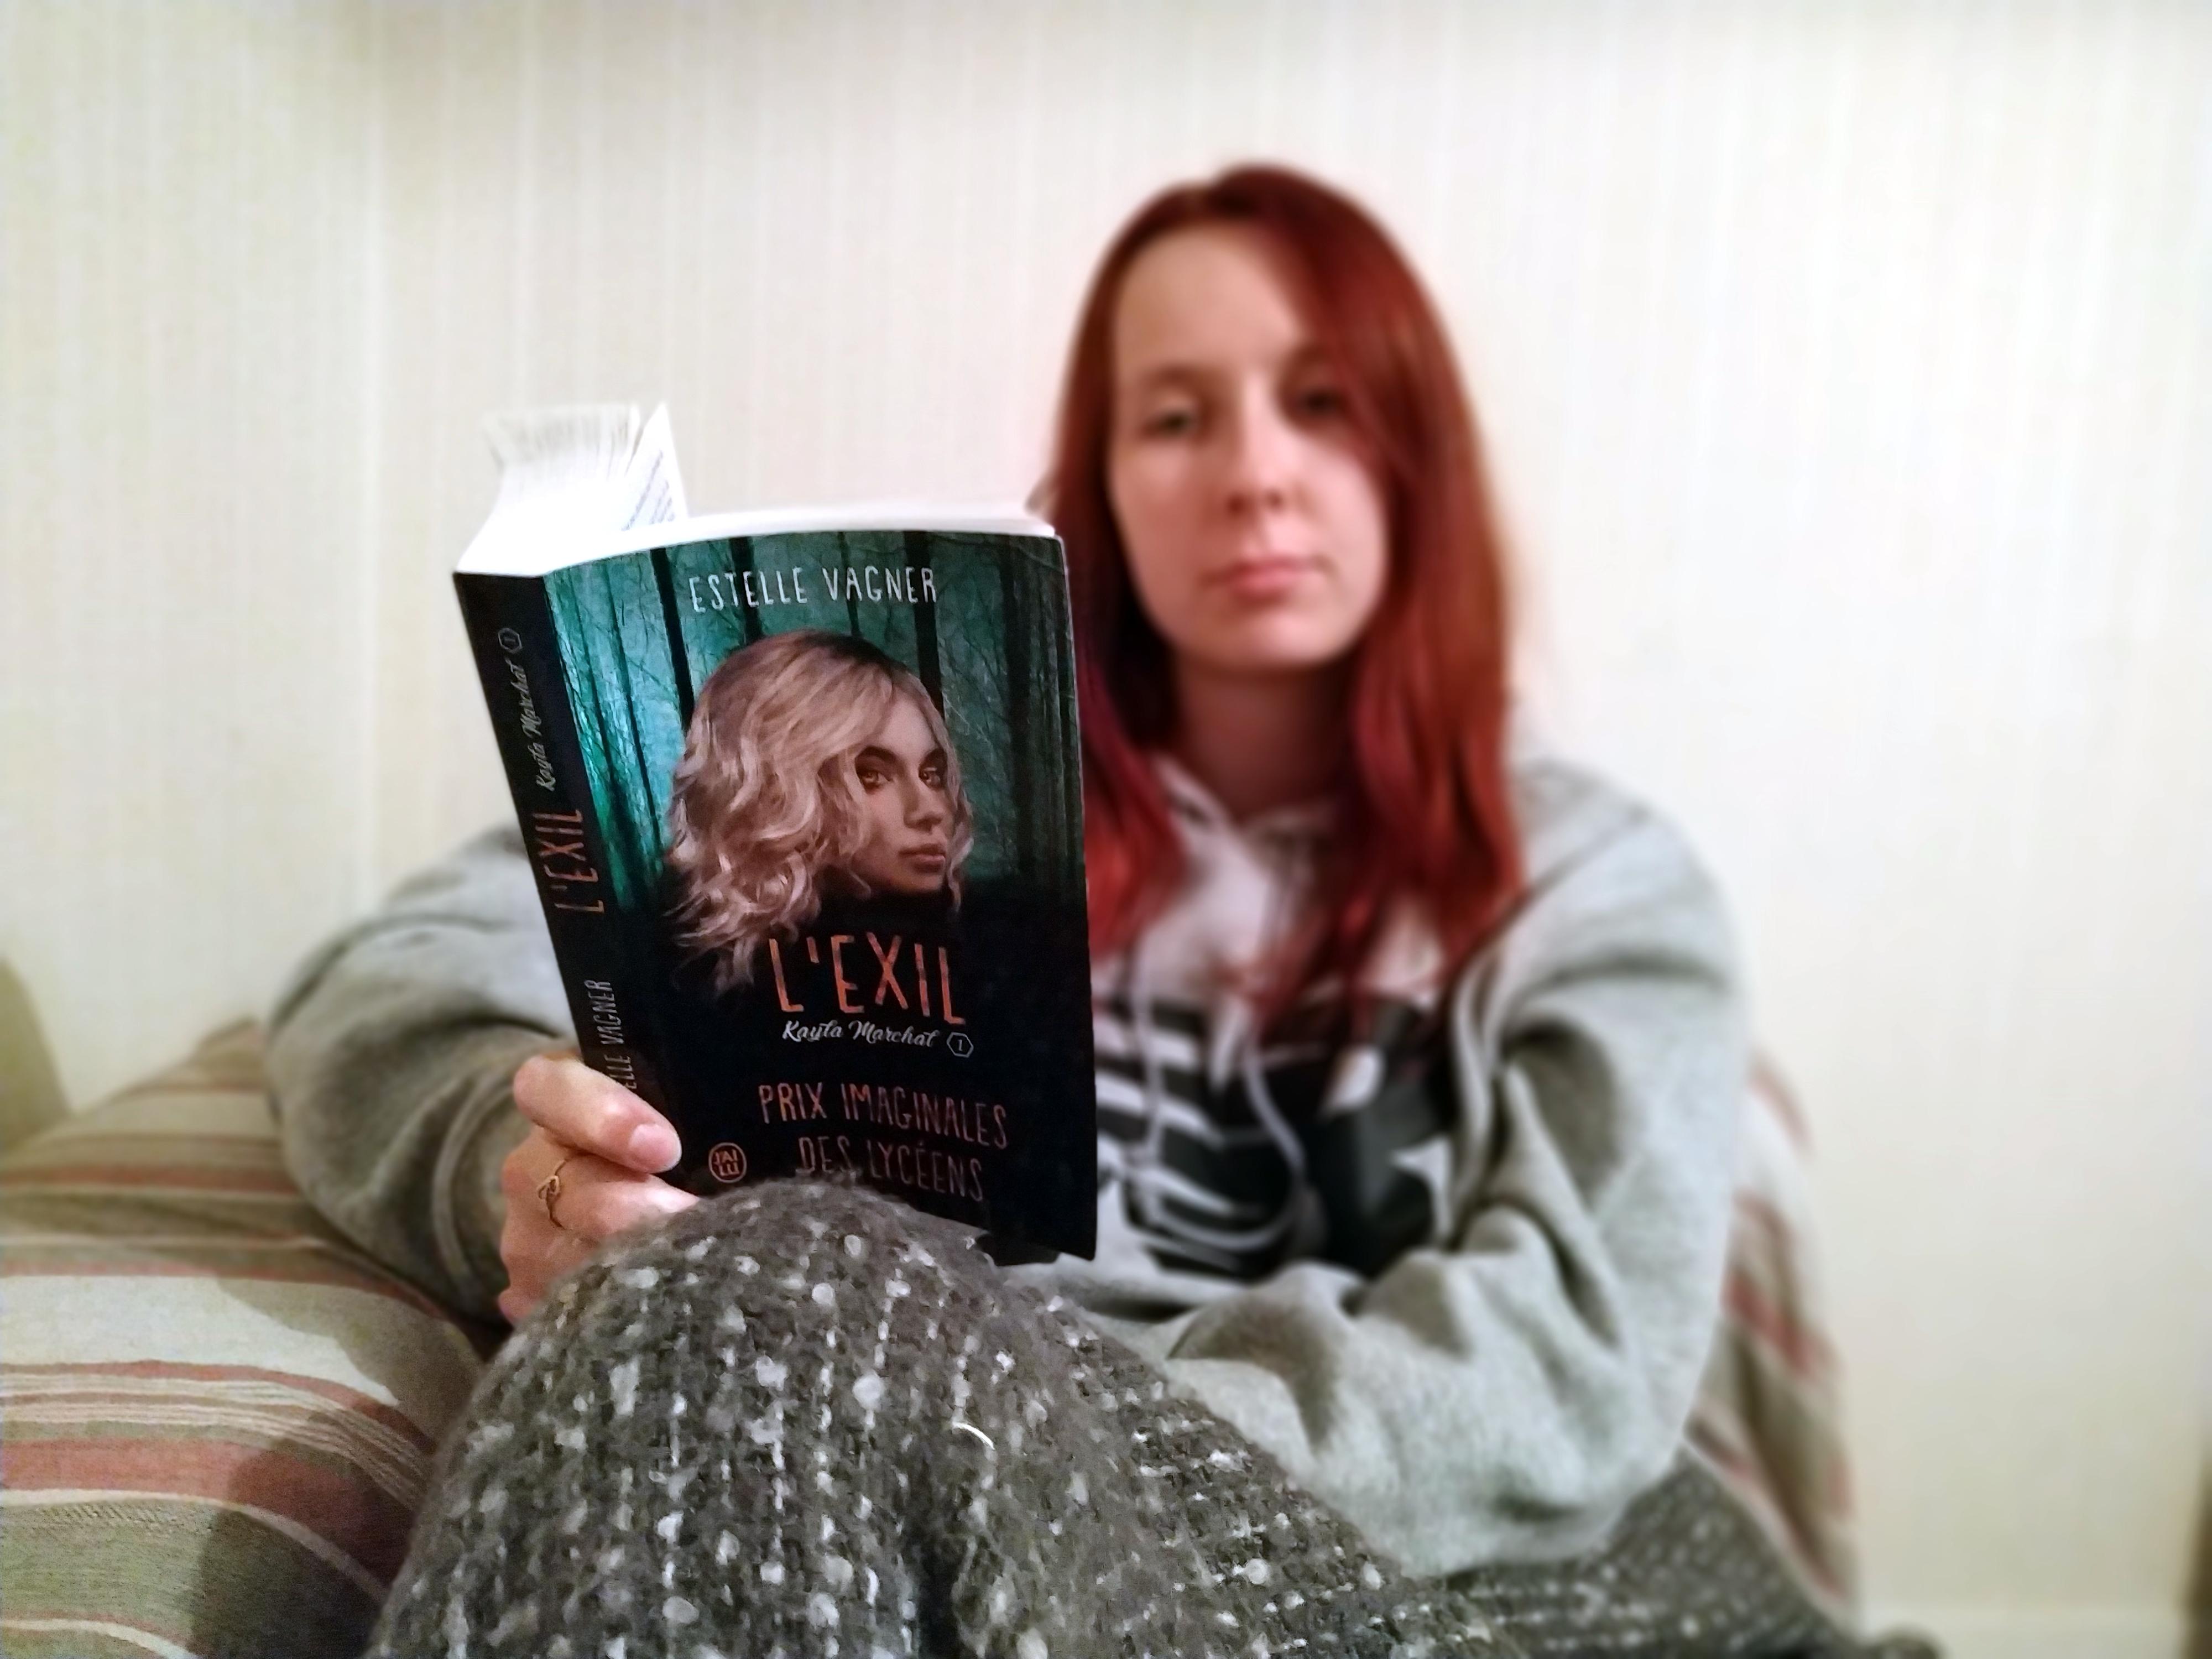 Chronique du tome 1 de Kayla Marchal: L'exil